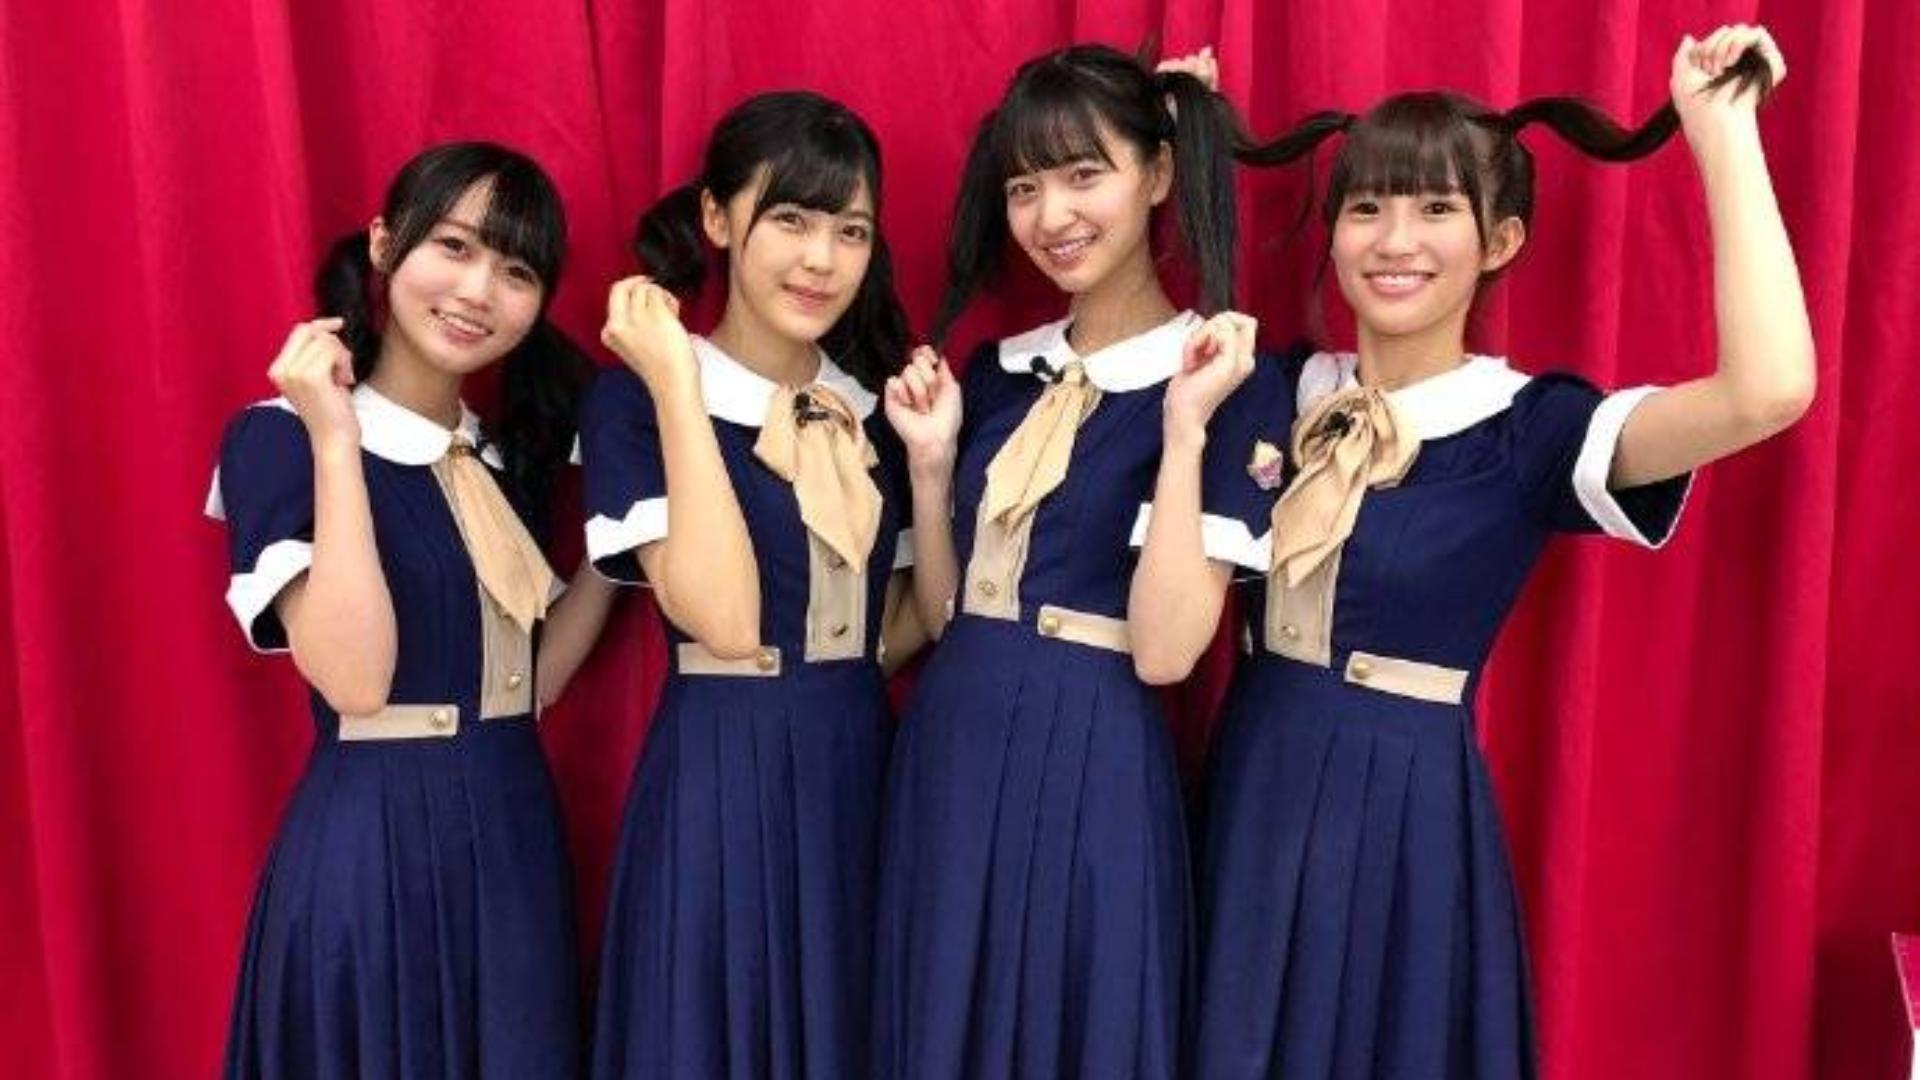 【乃木坂46】 生偶像 四期双马尾军团来袭【联合字幕组】